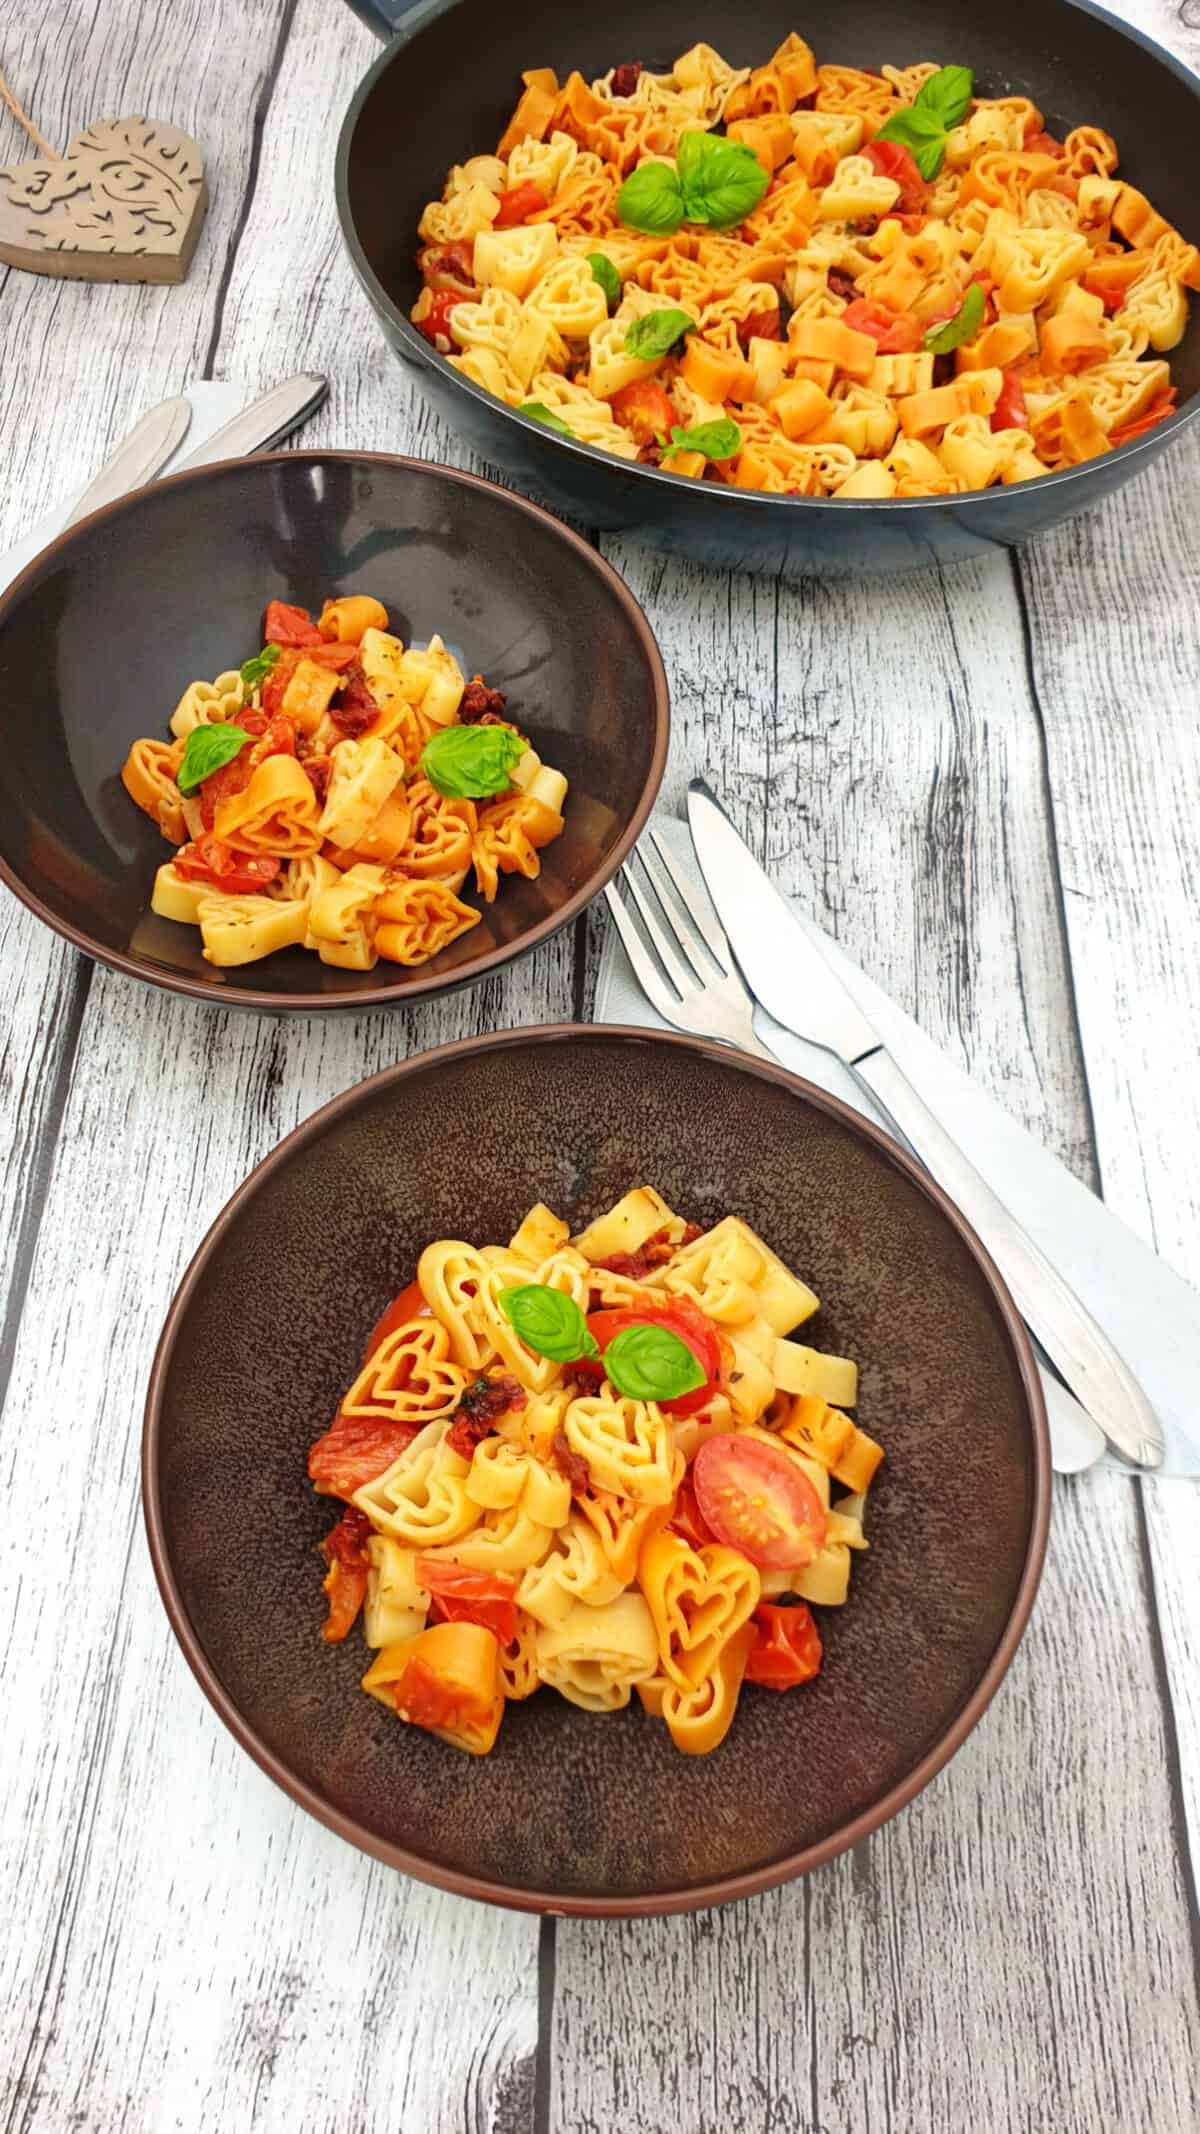 Herzchen Pasta mit einfacher Tomatensoße in einer braunen Schale angerichtet. Mit Basilikum bestreut. Im Hintergrund Deko.